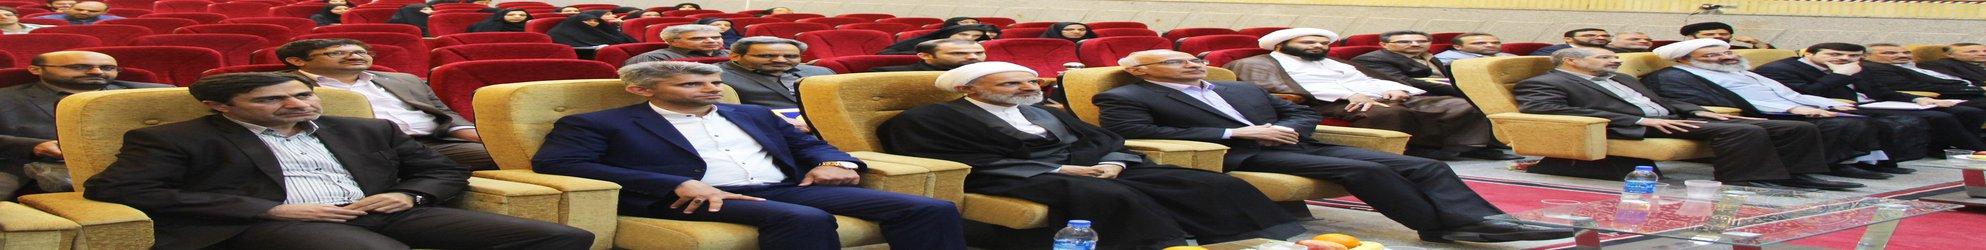 معاون وزیر و رئیس سازمان امور دانشجویان : اولین مسئولیت دانشگاه ها رفع مشکلات استان و کشور است